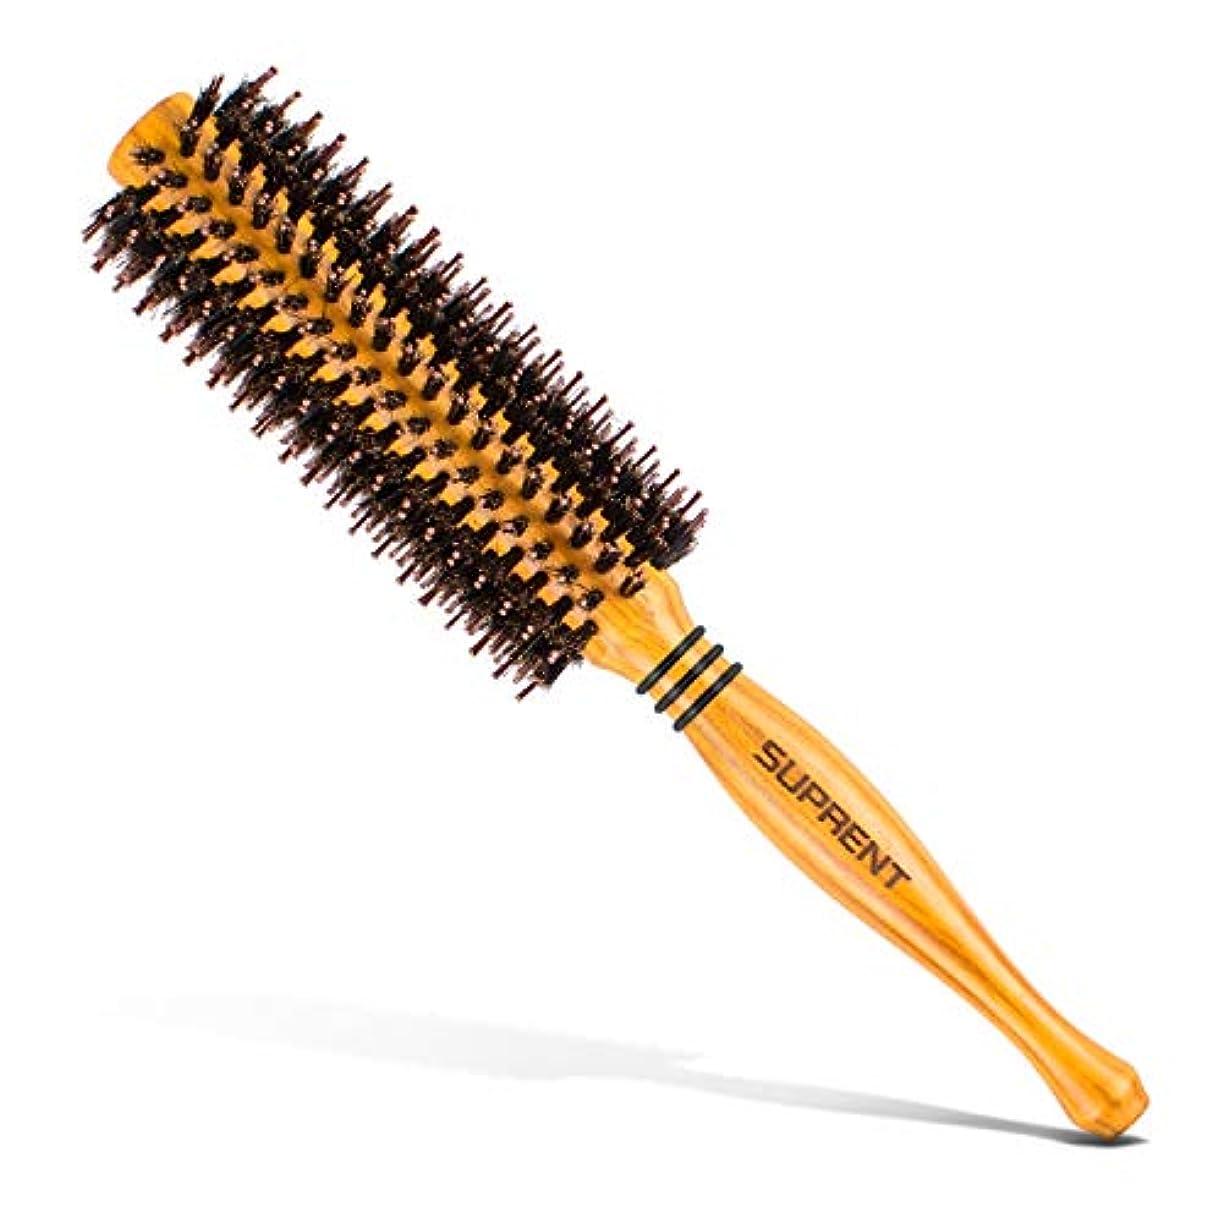 なんとなく標高祭りロールブラシ/ヘアブラシ豚毛カール 木製櫛 スタイリングブラシ 巻き髪 静電気防止